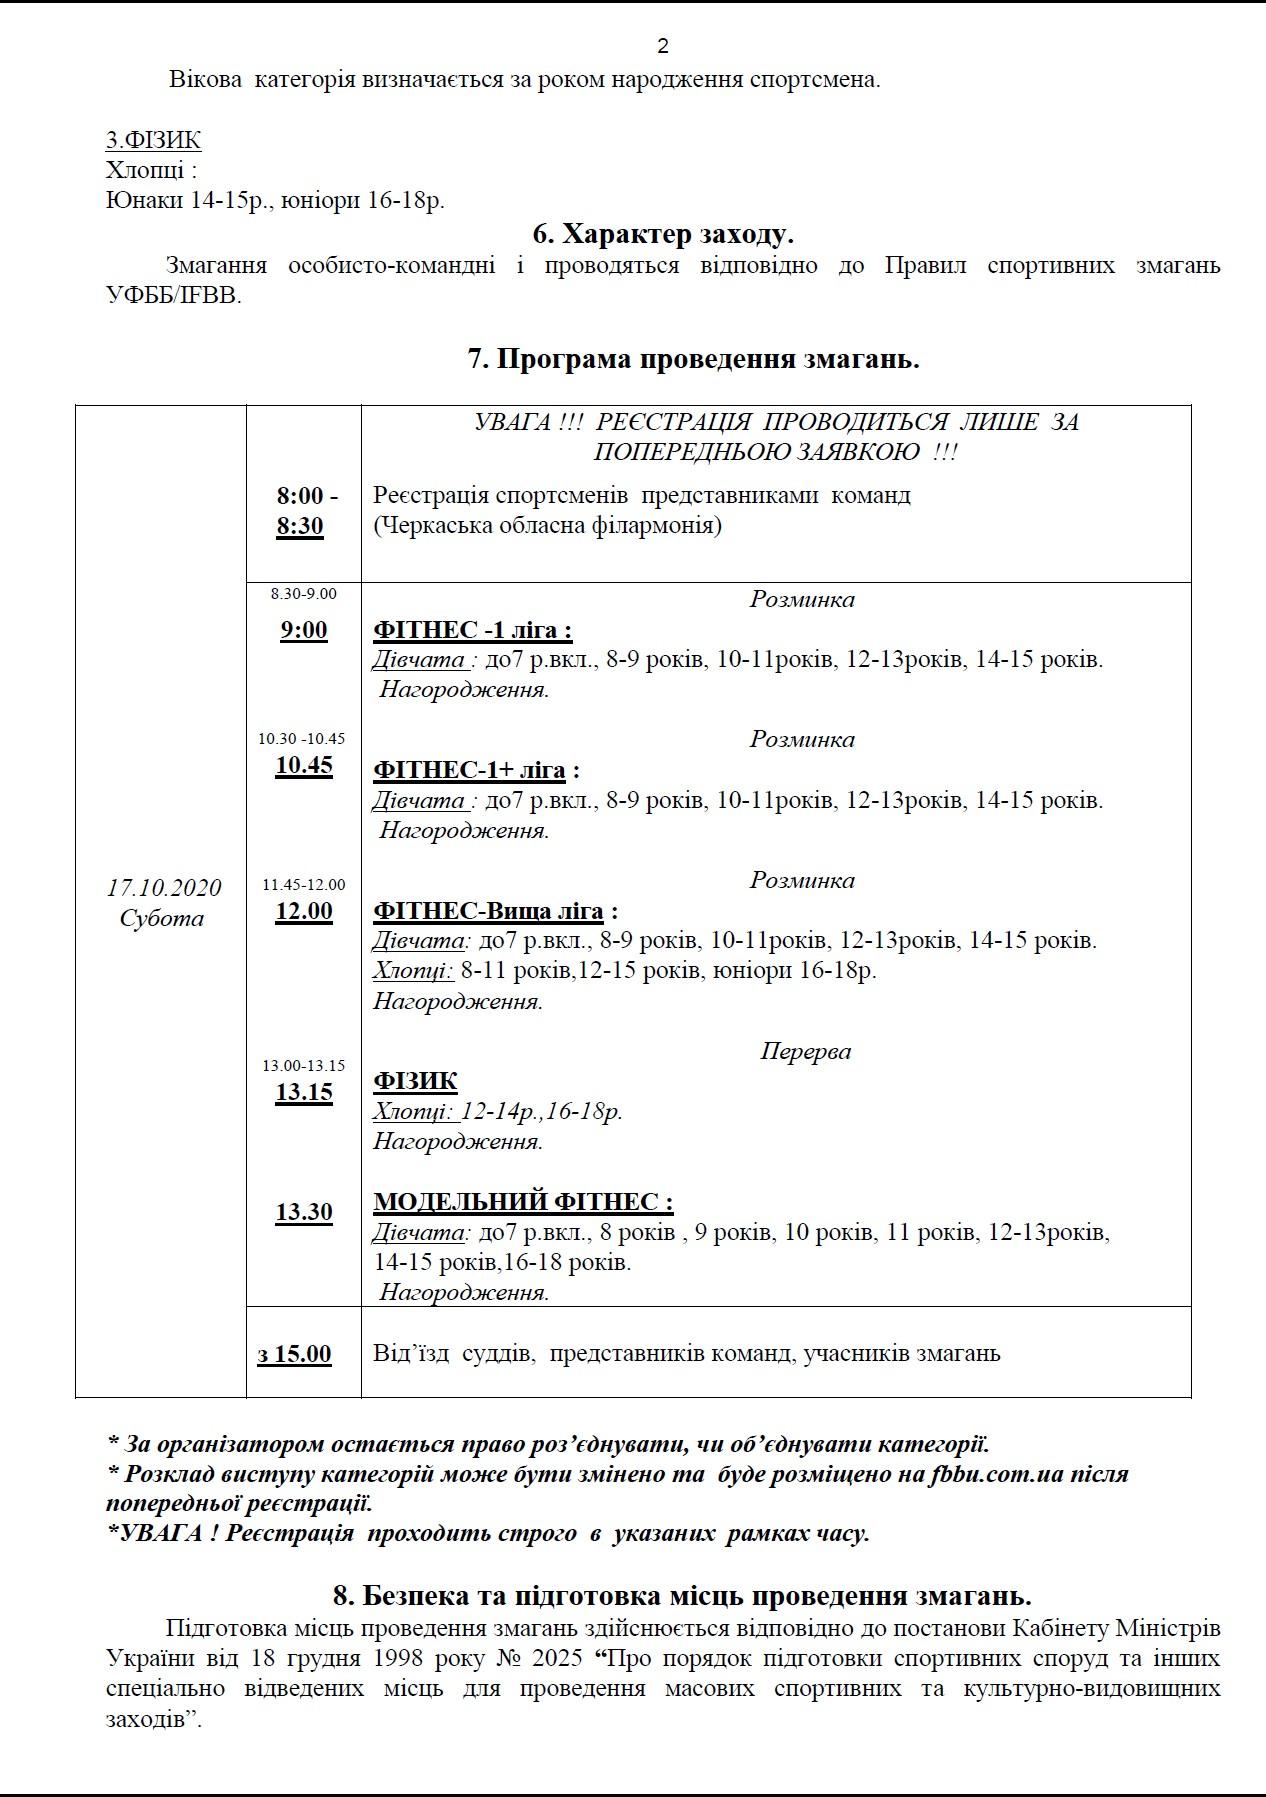 Положення про проведення Чемпіонату України з дитячо-юнацького фітнесу та модельного фітнесу